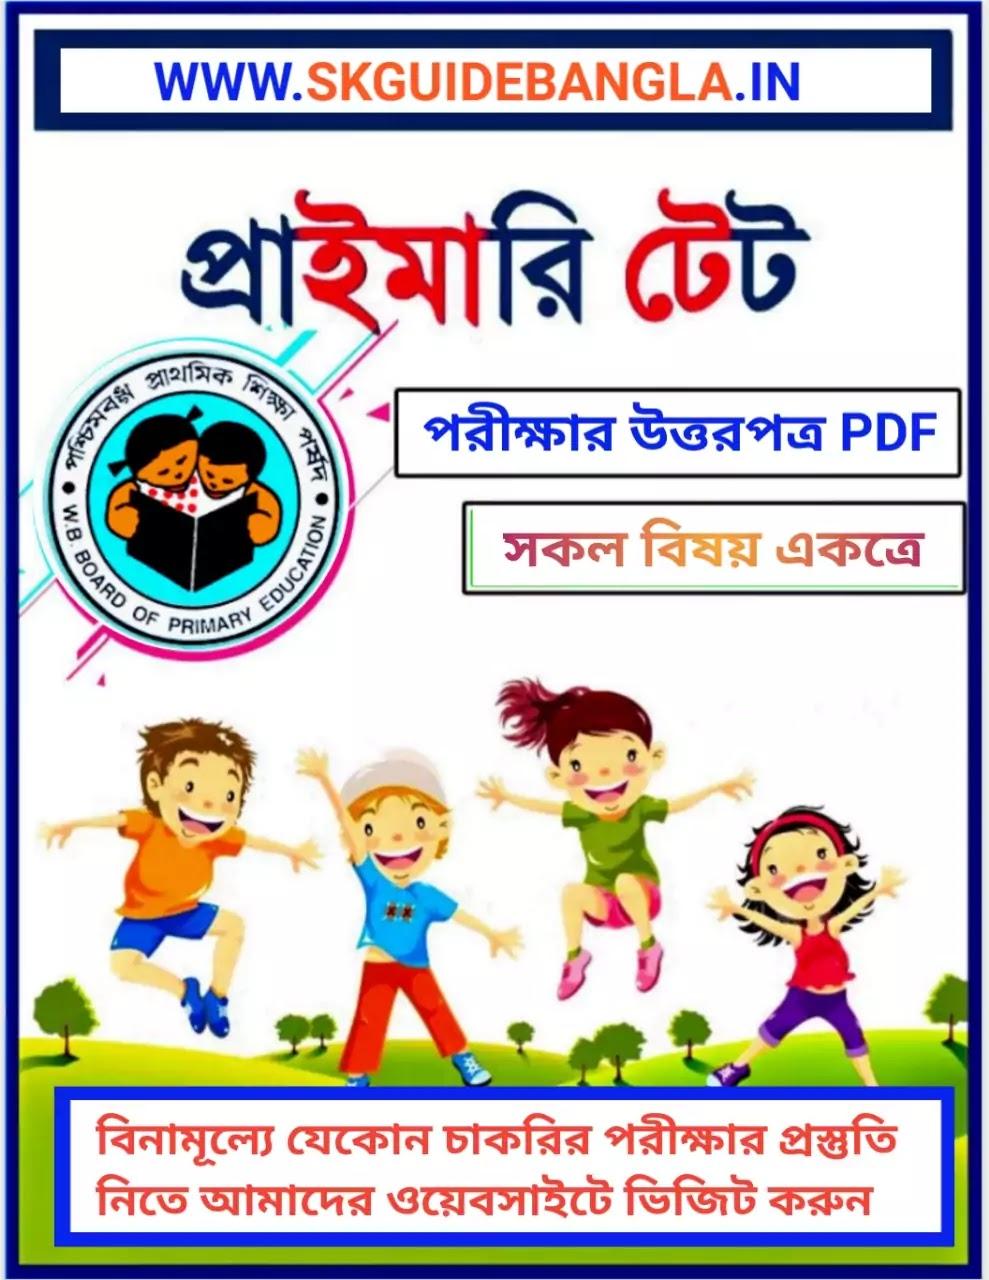 প্রাইমারি  পরীক্ষার উত্তরপত্র পিডিএফ ডাউনলোড 2020,। west Bengal primary Tet 2020 Final exam  answer set  pdf download